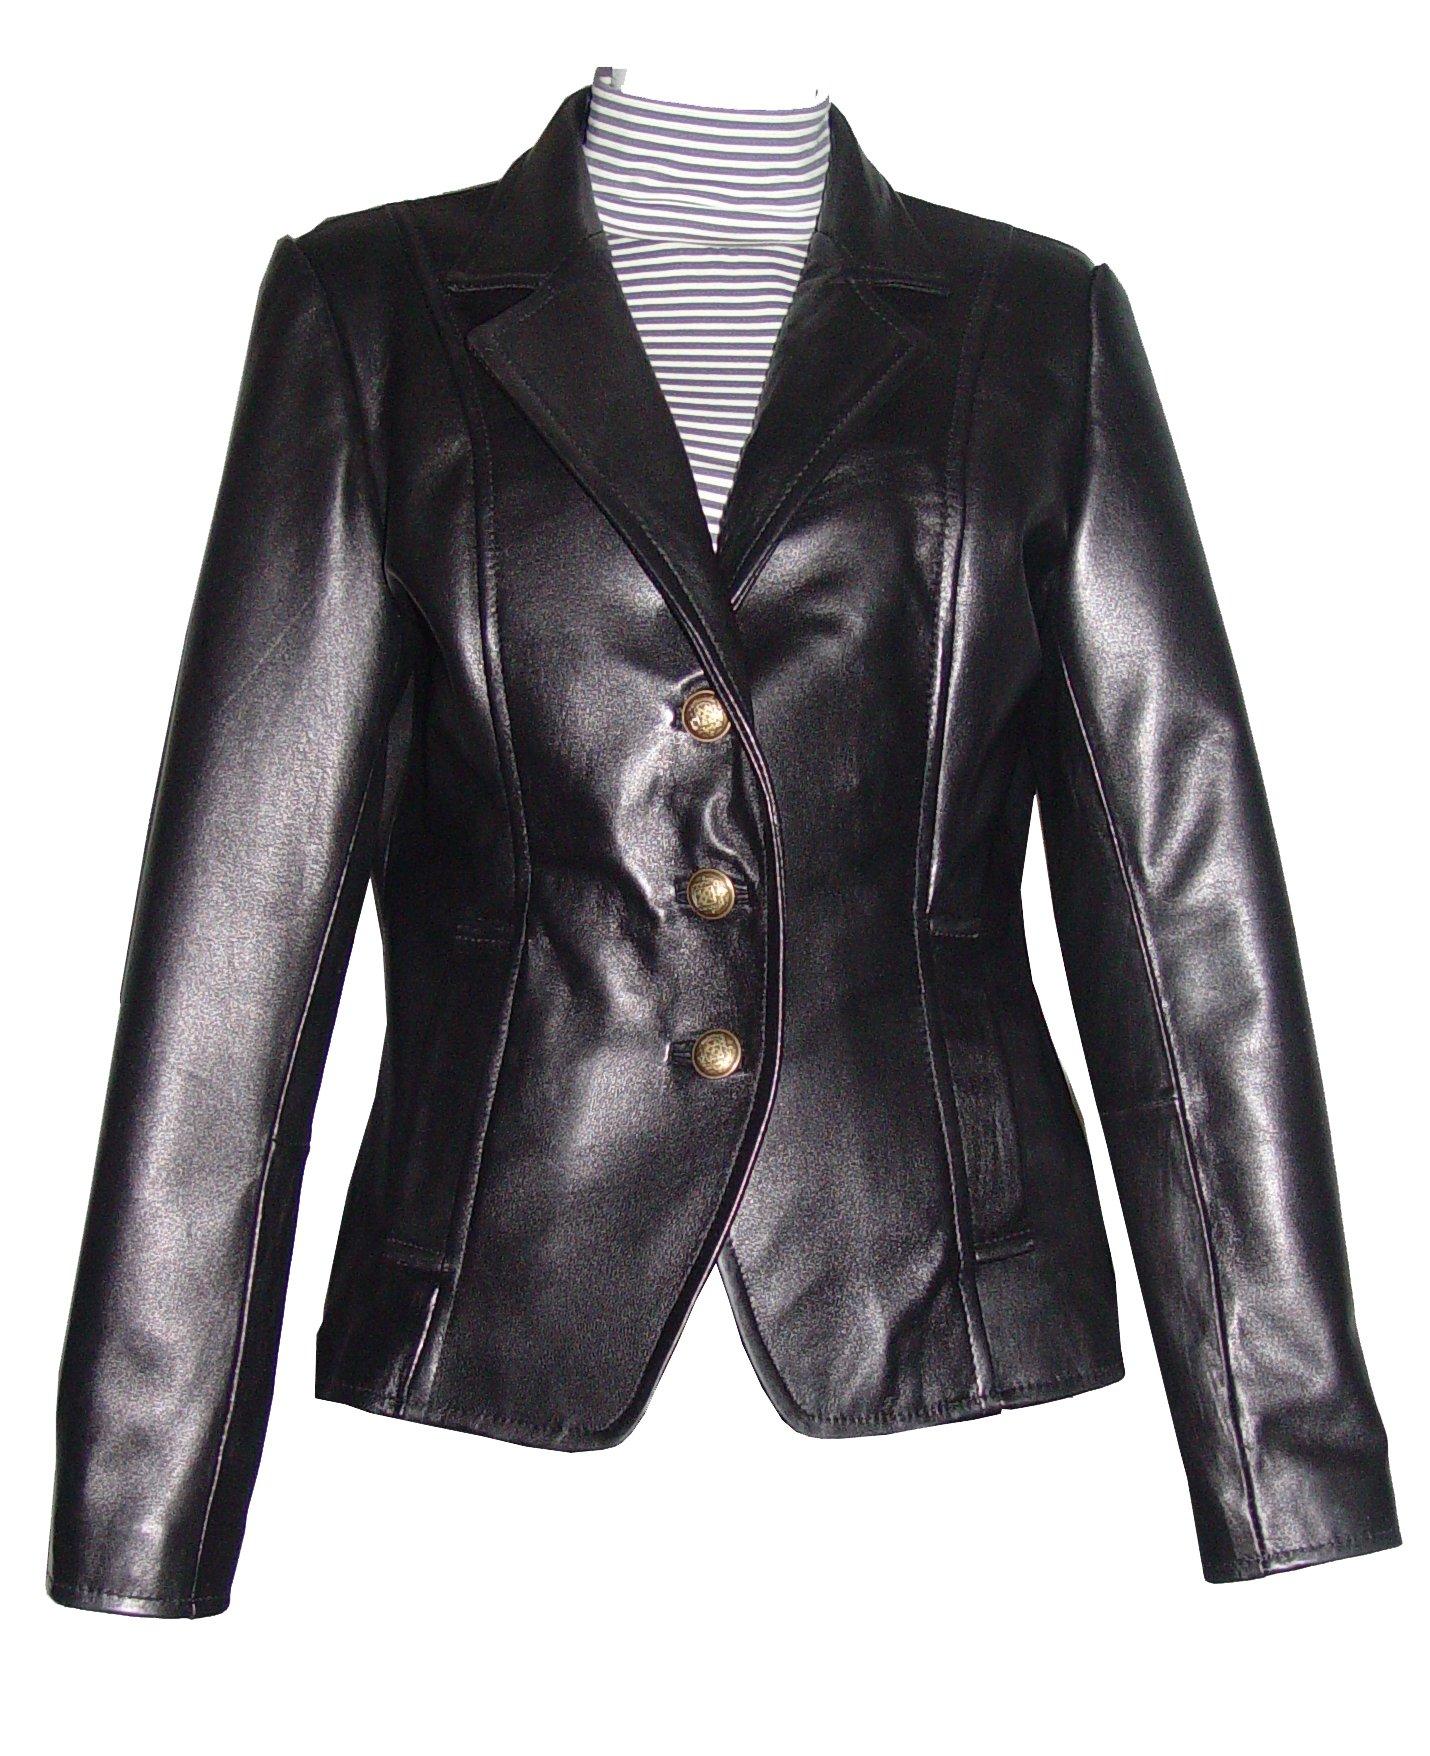 Nettailor Women PLUS & ALL SIZE 4059 Basic Leather Short Blazer